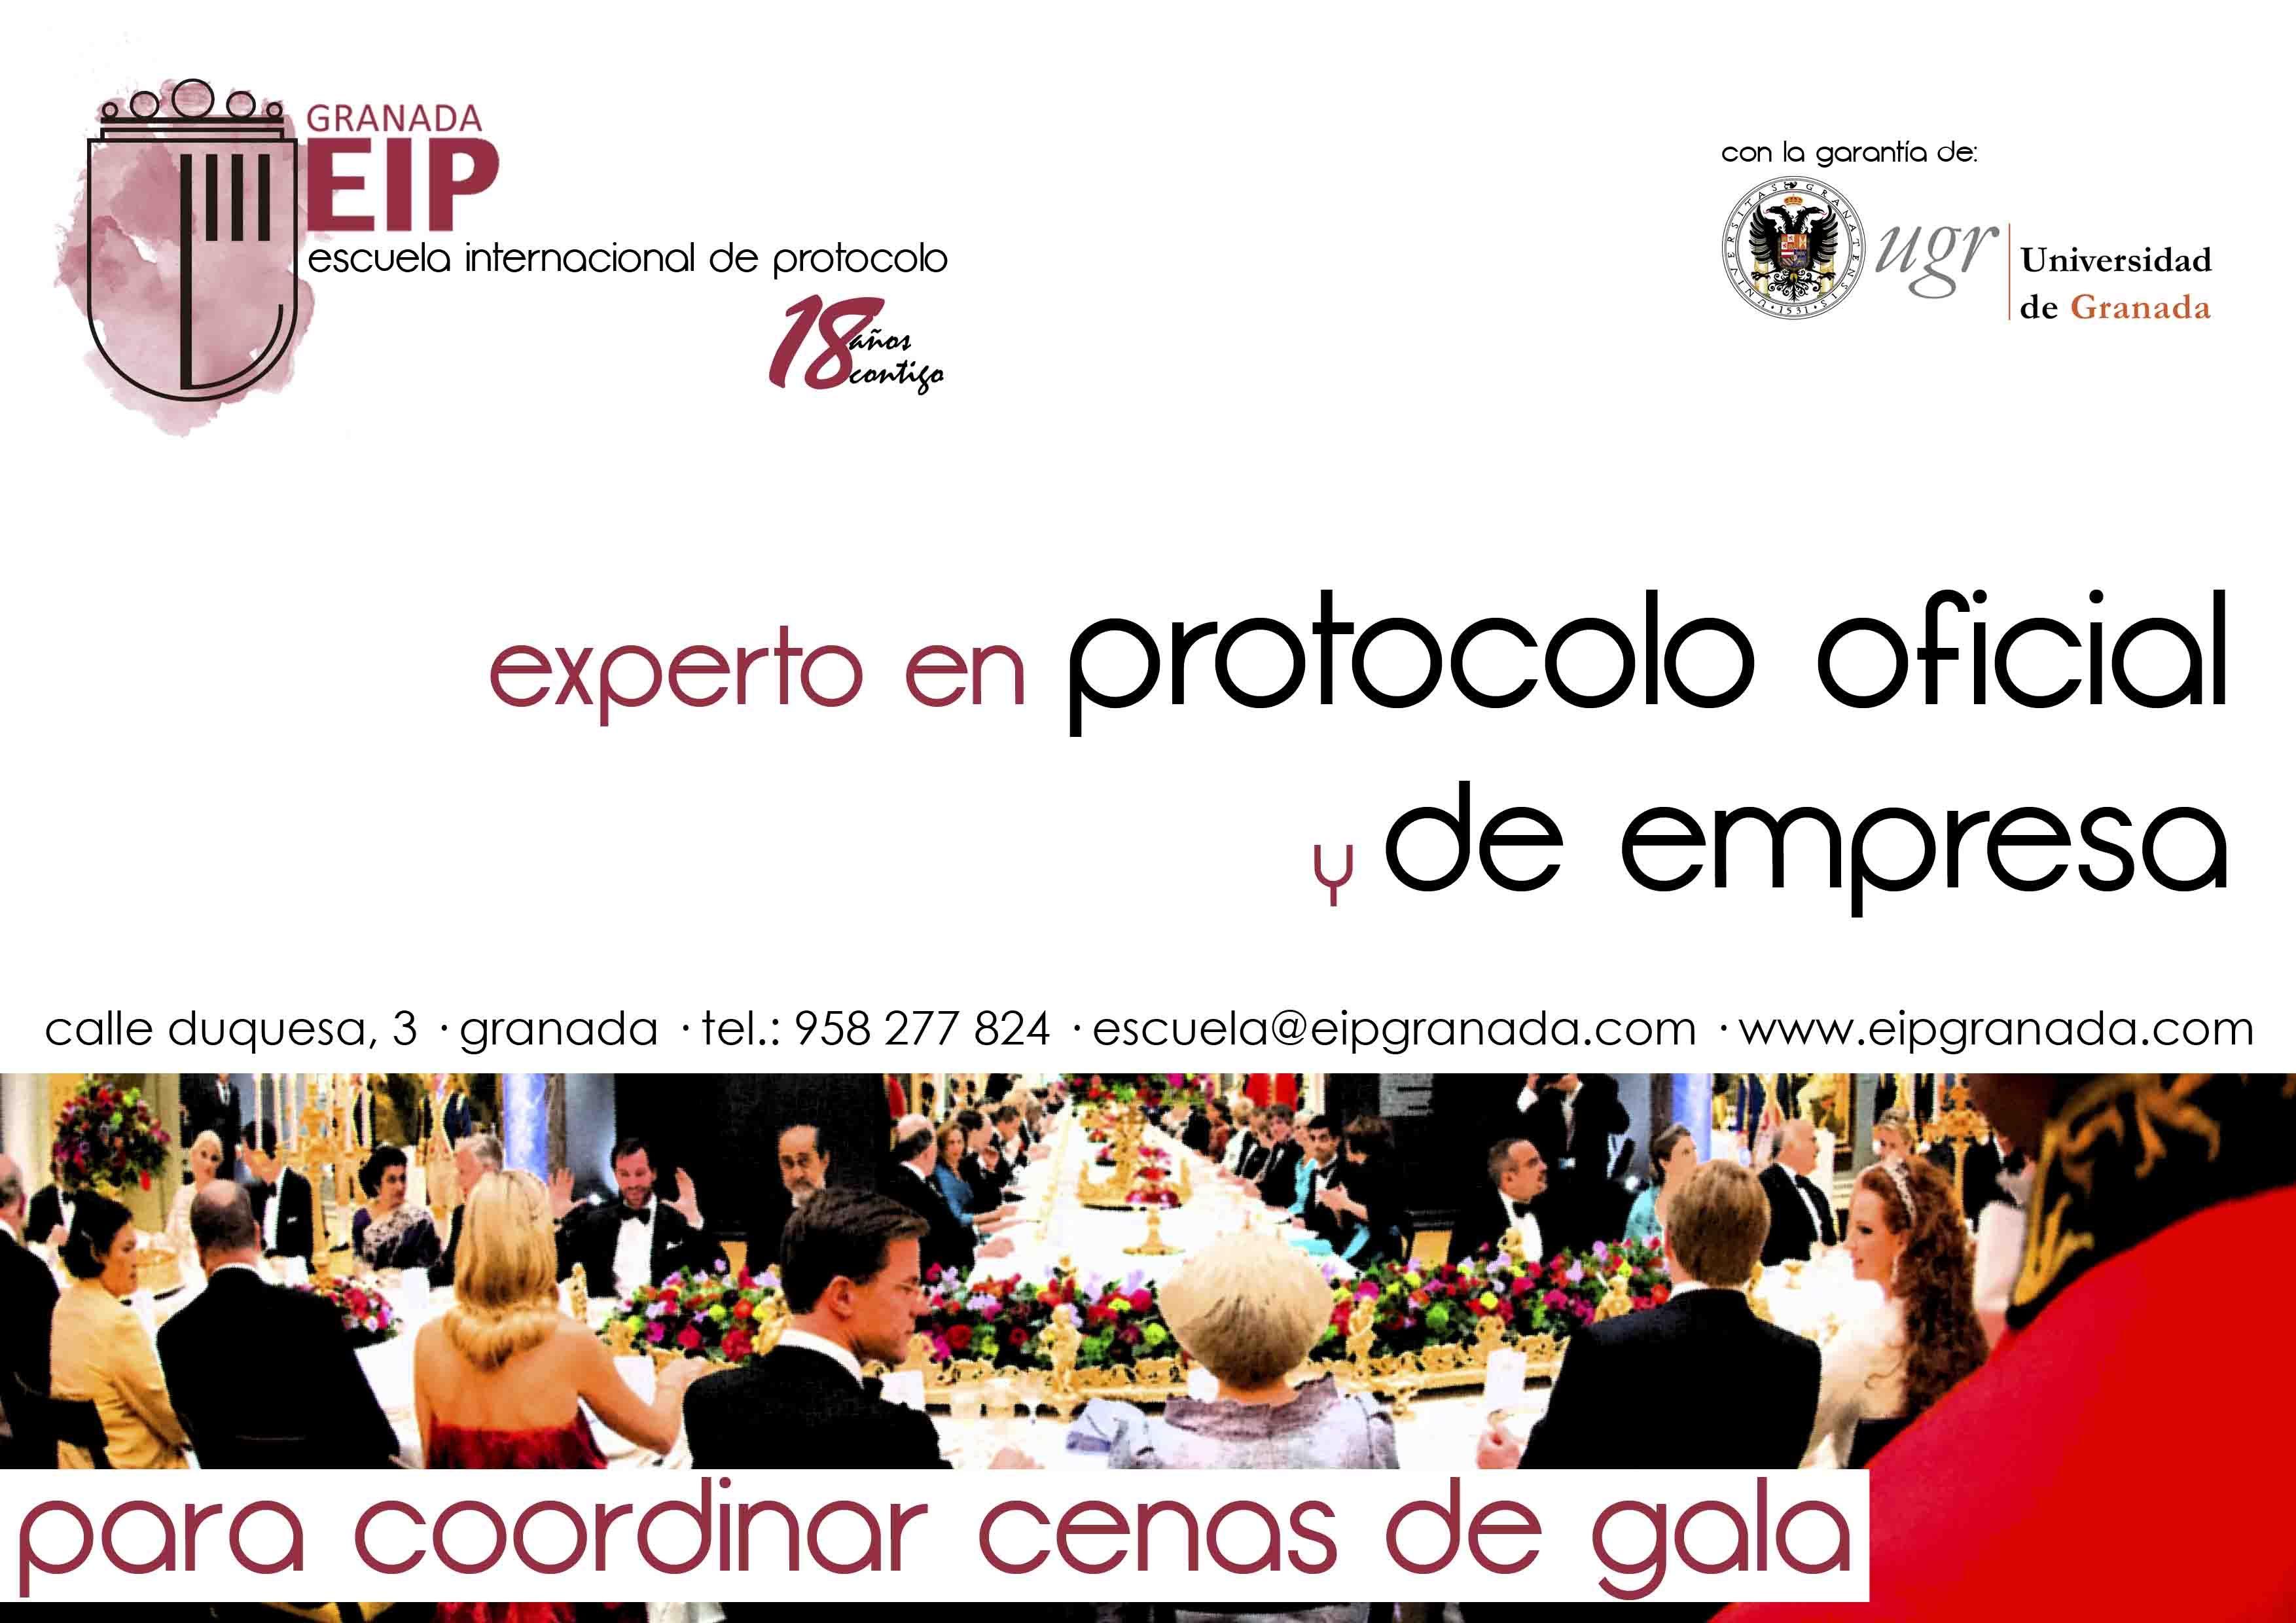 experto en protocolo oficial y de la empresa